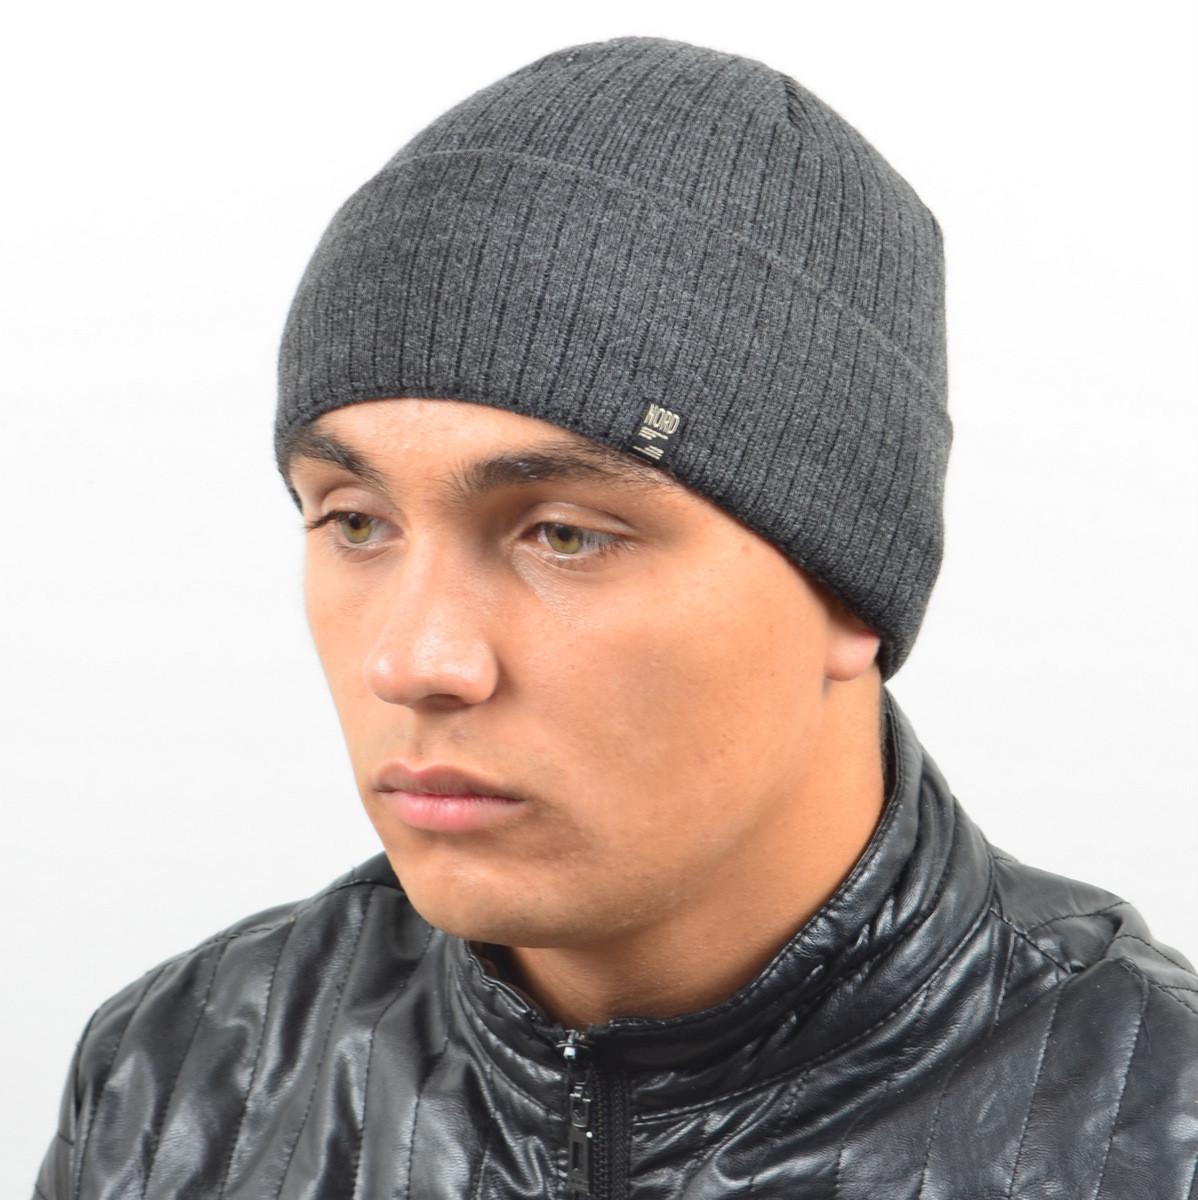 Мужская вязанная шапка NORD с отворотом серый